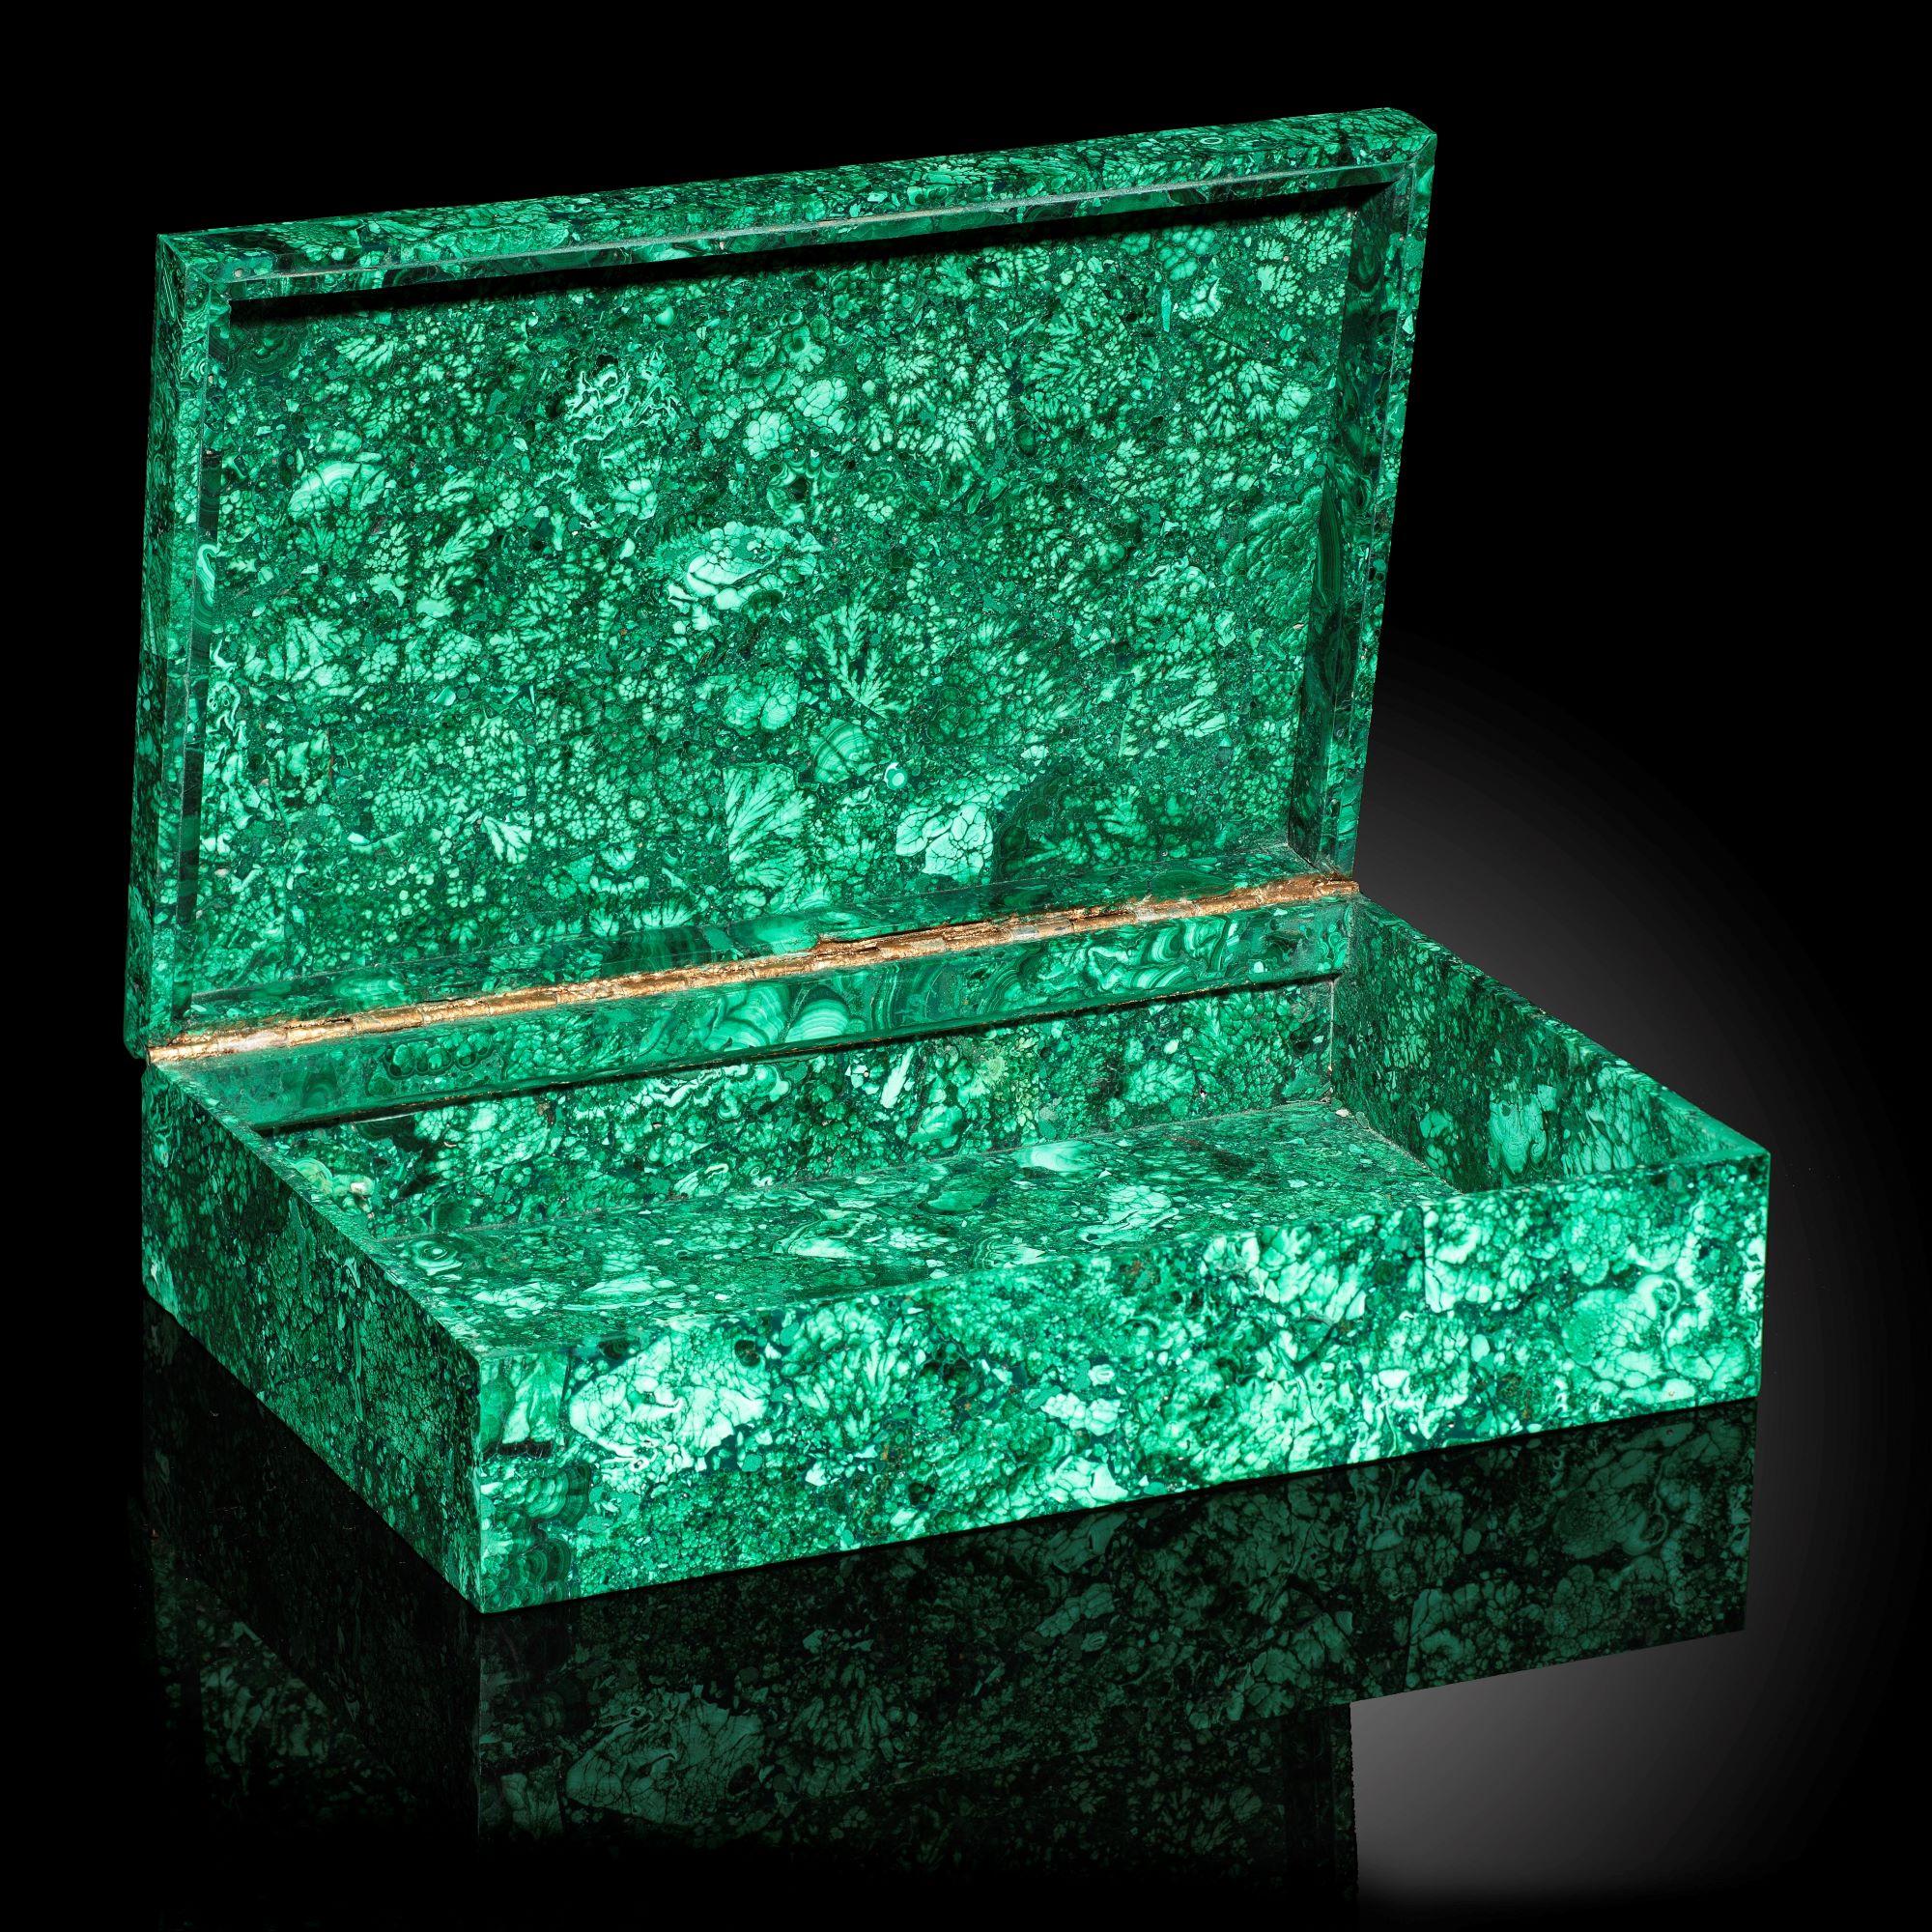 Lot 4 - Interior Design/Minerals: A malachite box, 28cm by 18cm